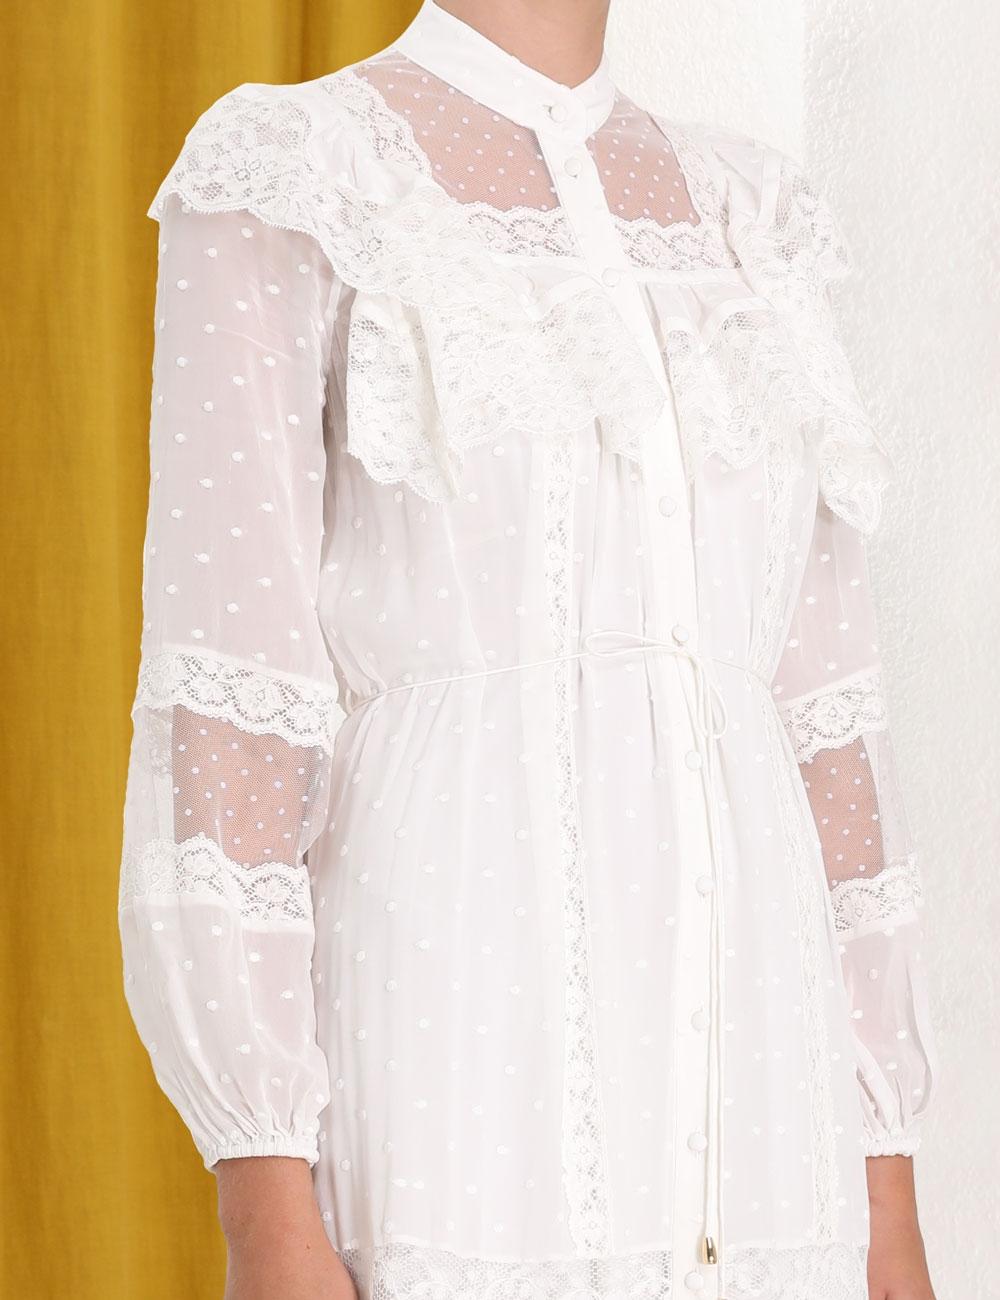 Moncur Lace Yoke Dress